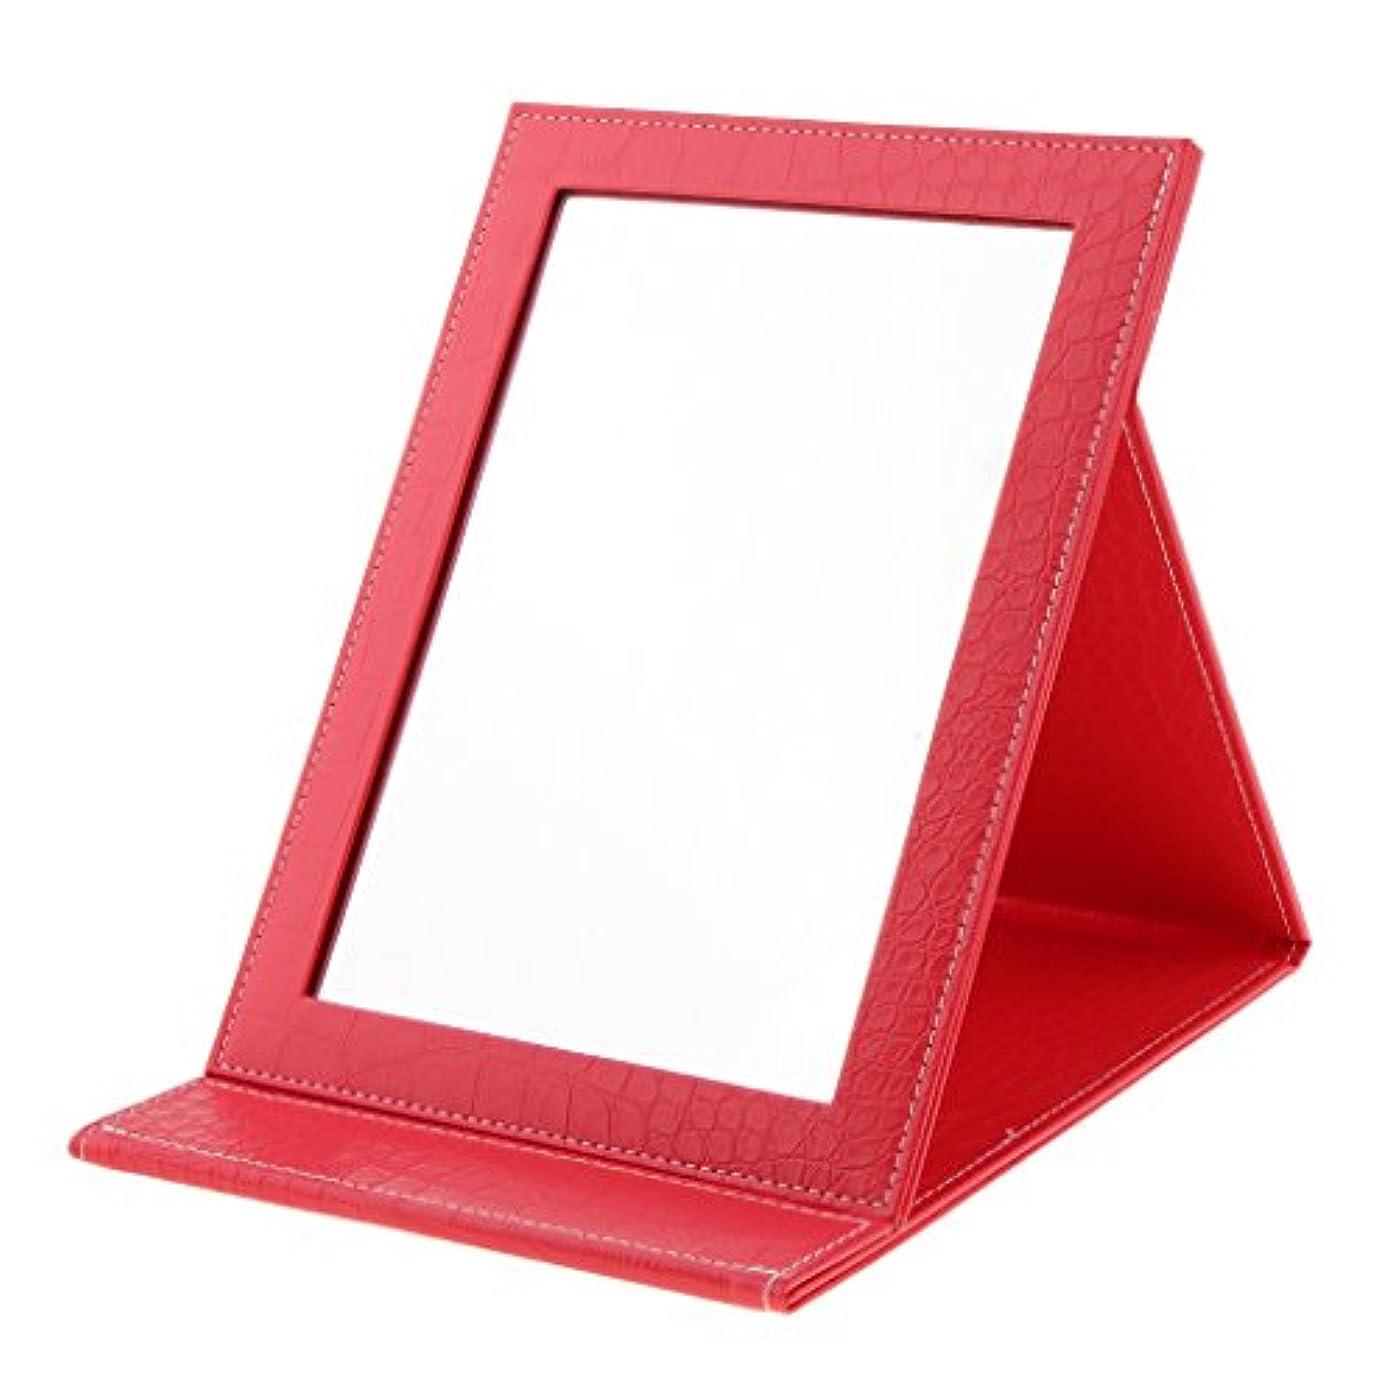 称賛輝度ペッカディロ化粧鏡 鏡 メイクアップミラー 折りたたみ式 PUレザー ポータブル 旅行 日常用 3色選べる - 赤